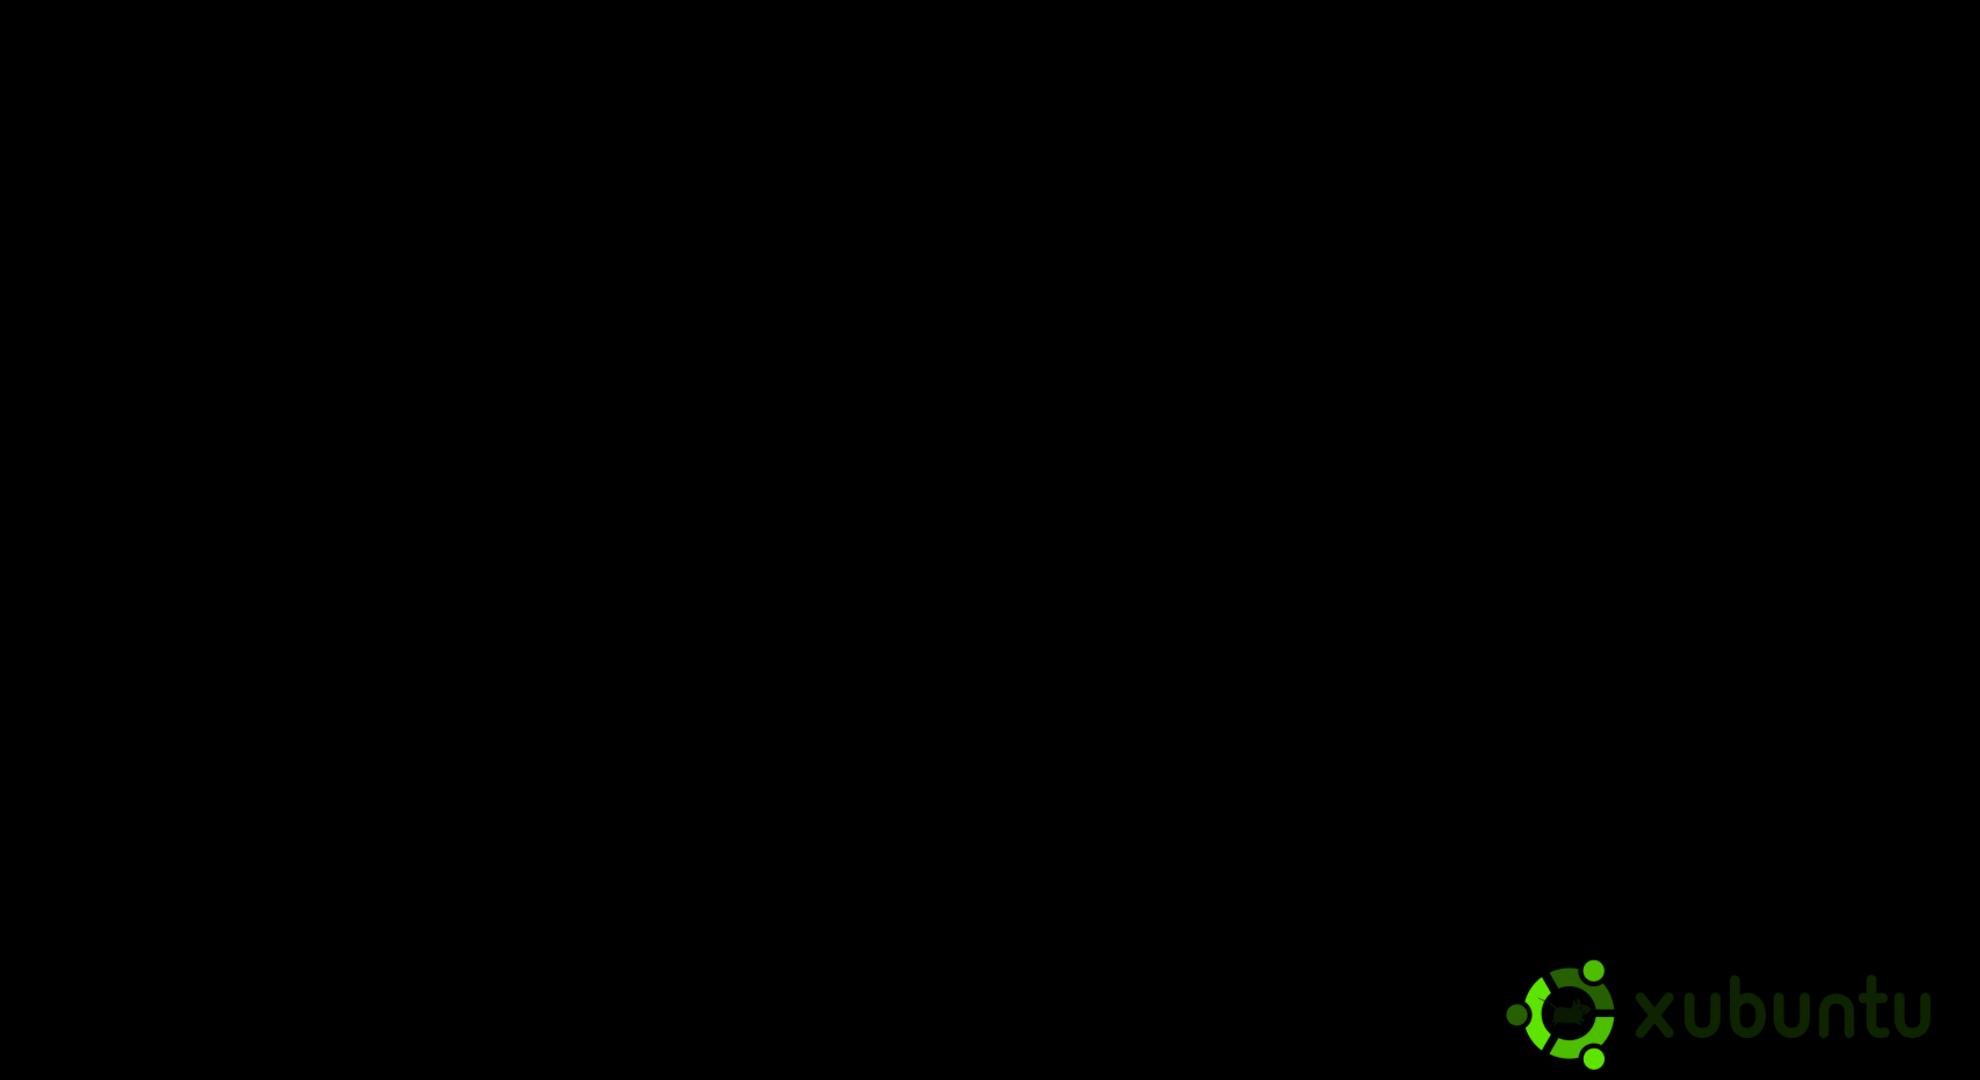 technology linux logo green wallpaper